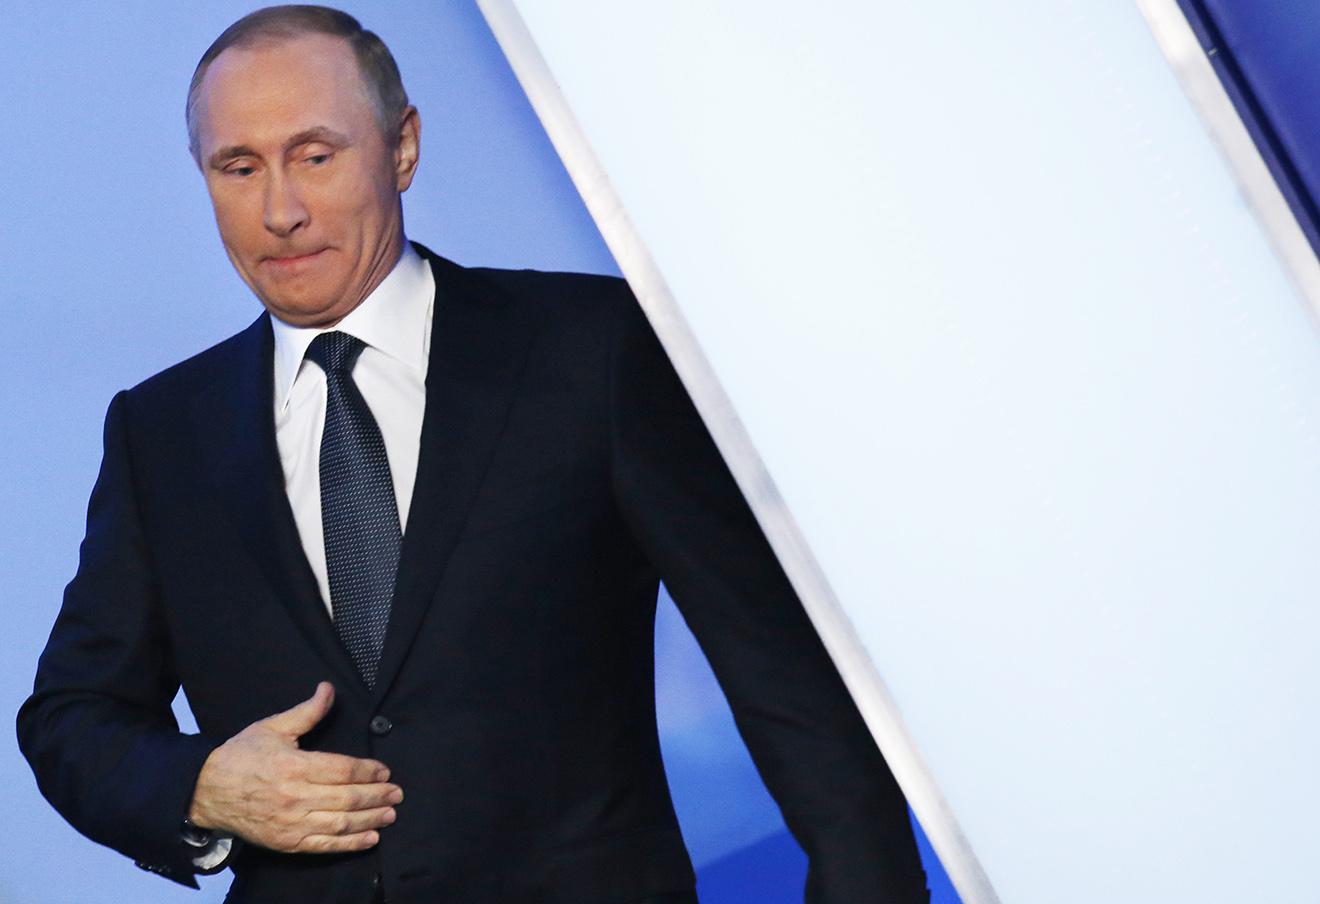 Владимир Путин на пленарном заседании III Медиафорума независимых региональных и местных СМИ «Правда и справедливость», организованного «Общероссийским народным фронтом», 7 апреля 2016 года.